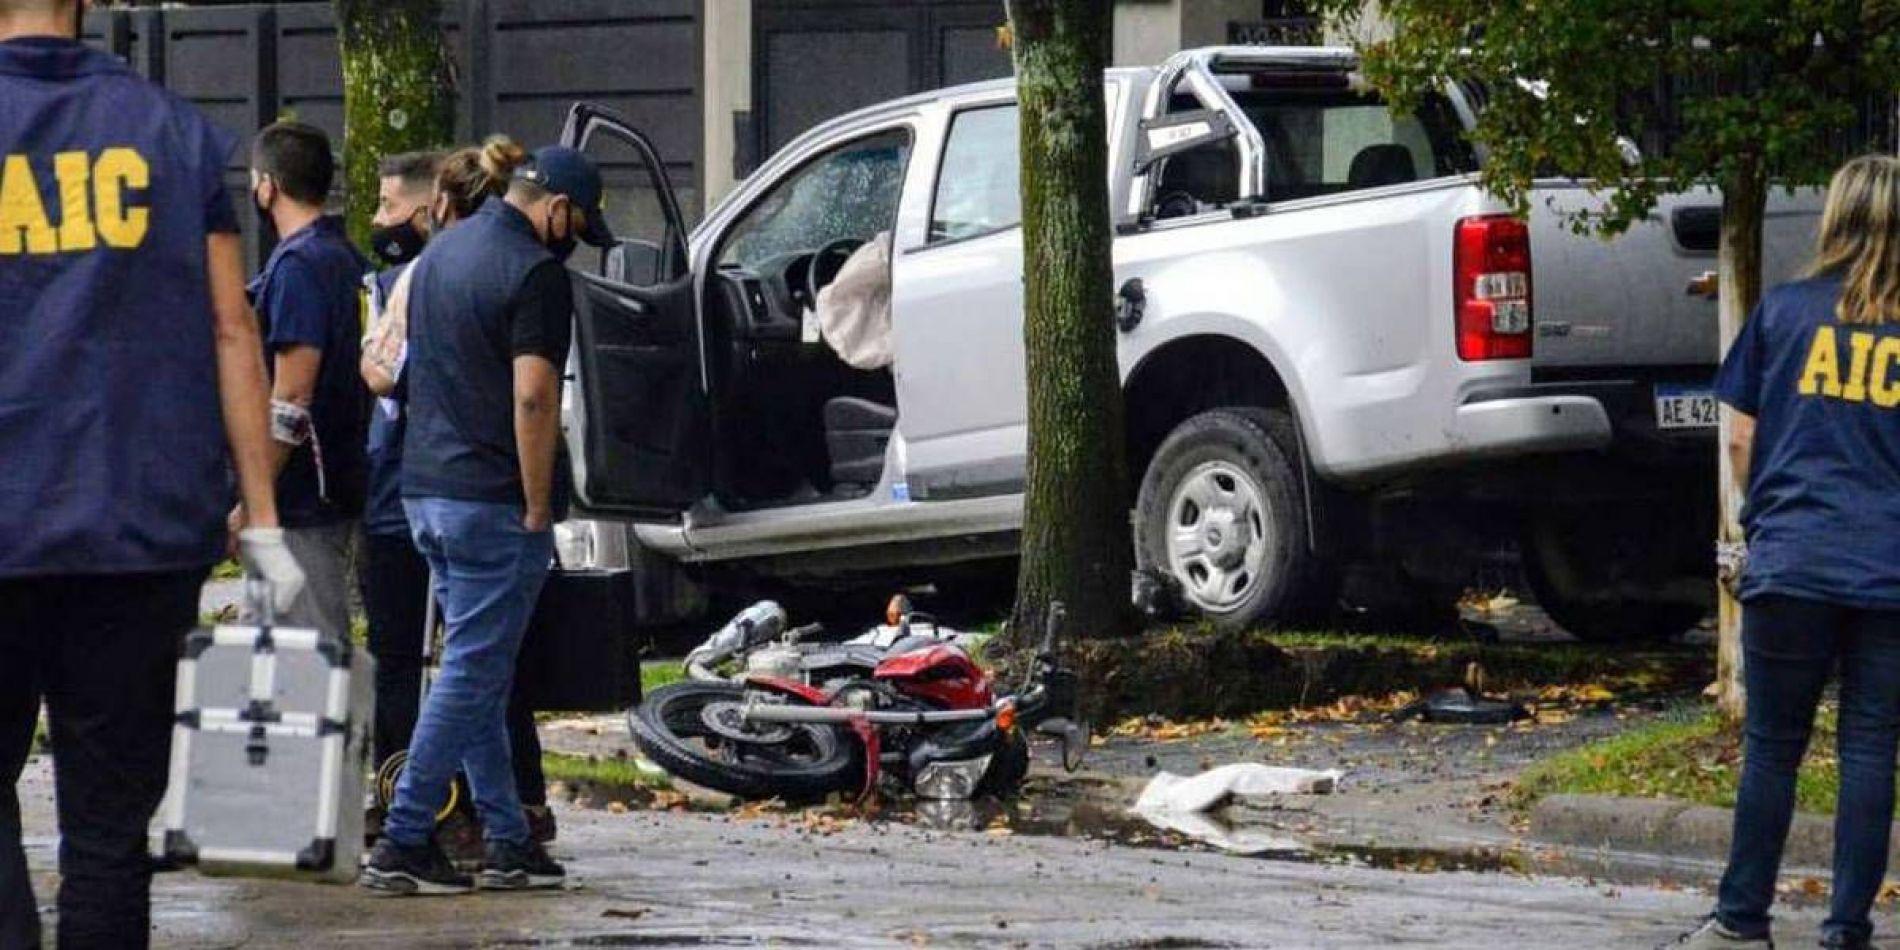 Escena final de la persecución, la camioneta Chevrolet sobre uno de los ladrones.